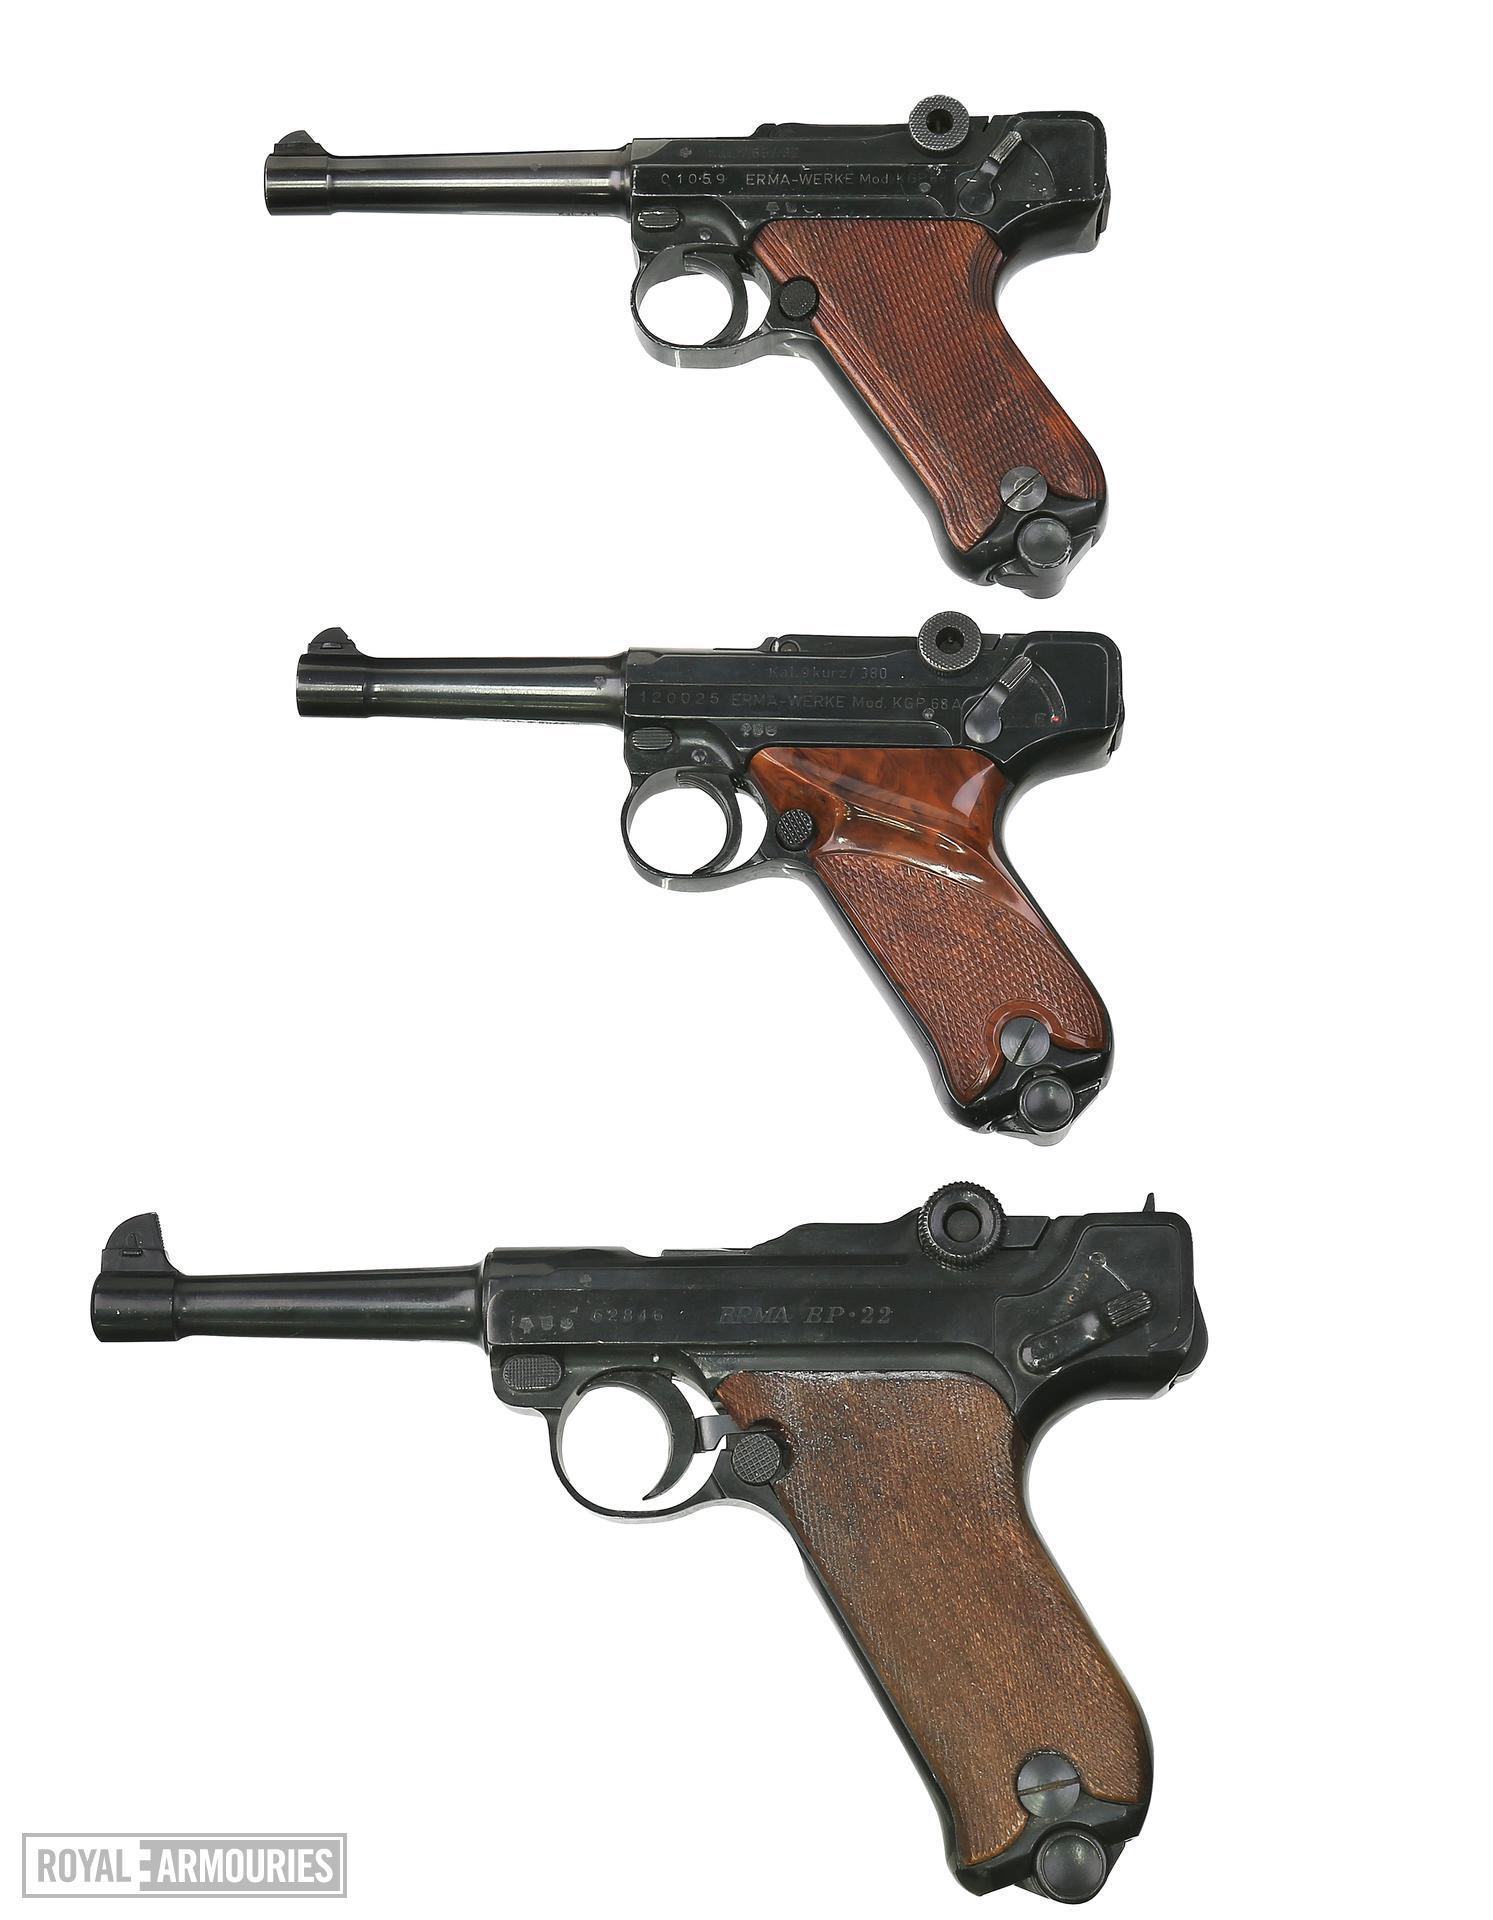 Centrefire self-loading pistol - Erma Luger Model KGP 68A